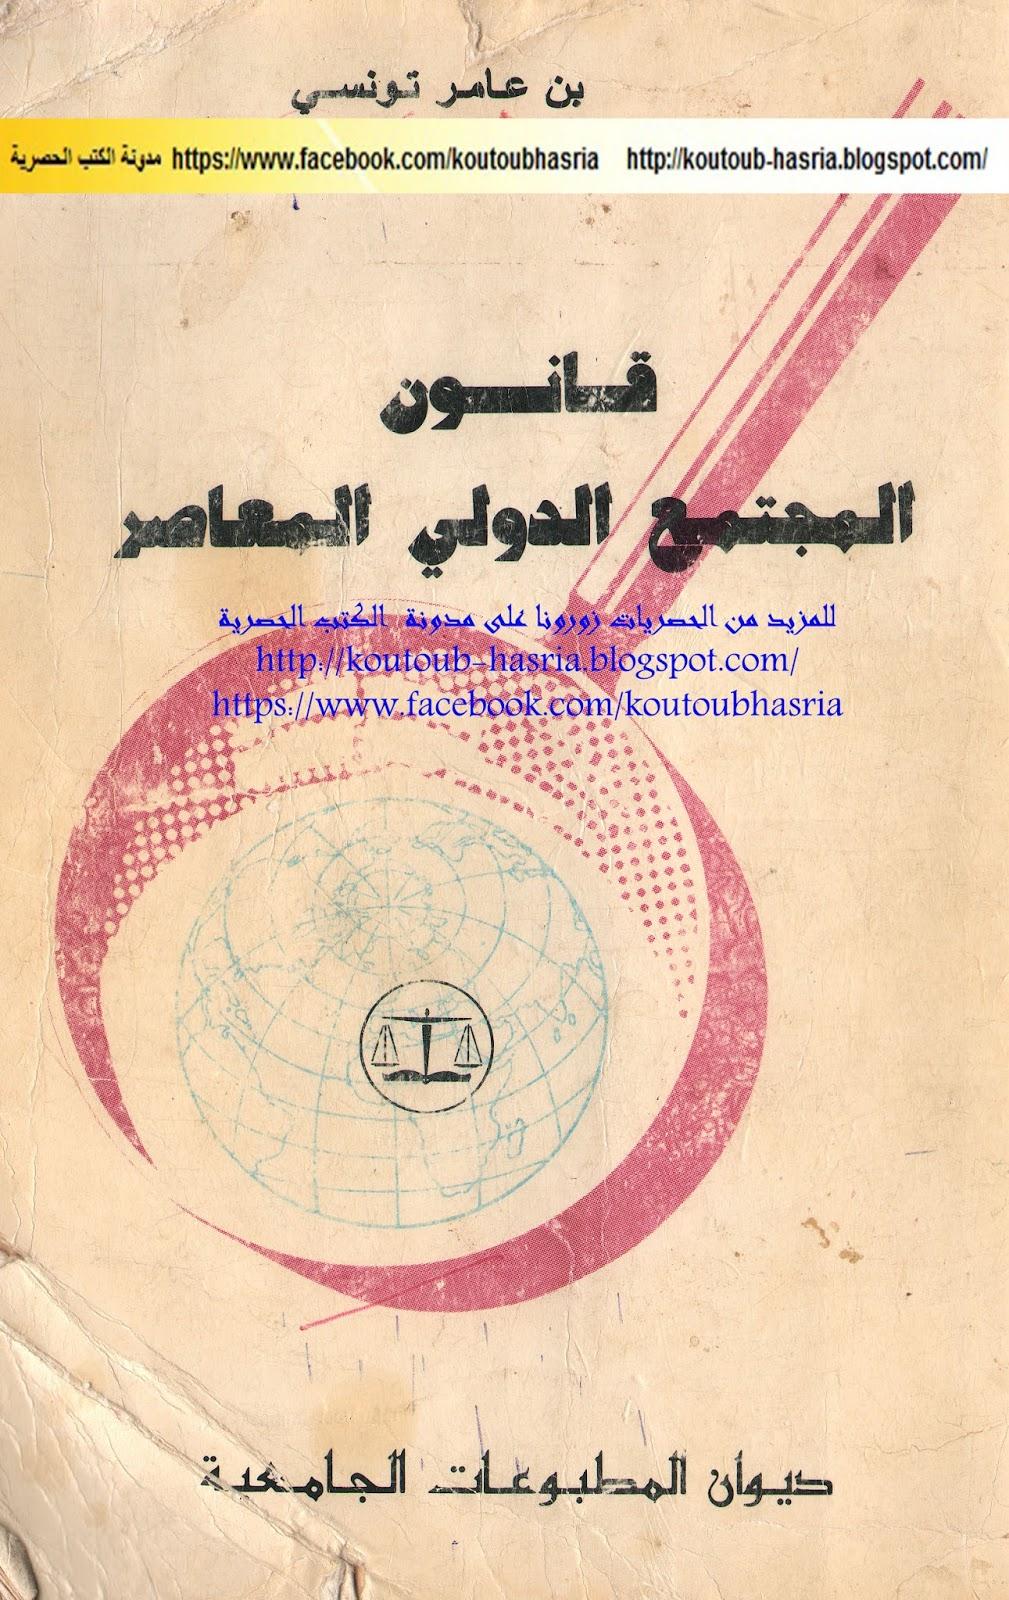 تحميل كتاب المعاصر 3 الشامل